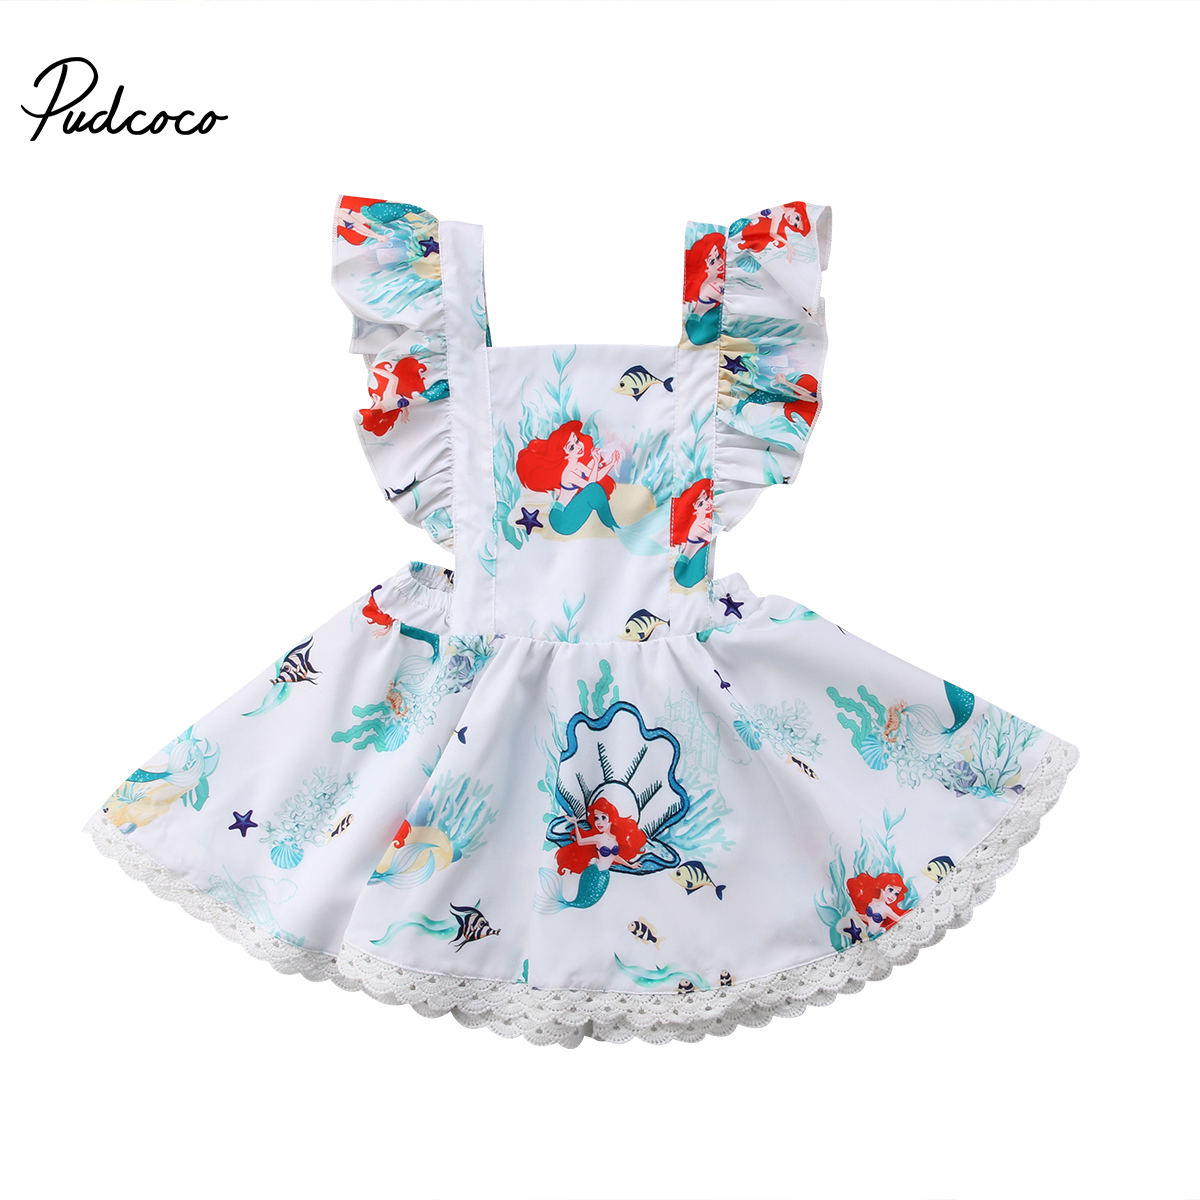 Pudcoco летние платья для маленьких девочек Русалка спинки мультфильм праздничное платье принцессы сарафан хлопок элегантное платье От 0 до 5 л...